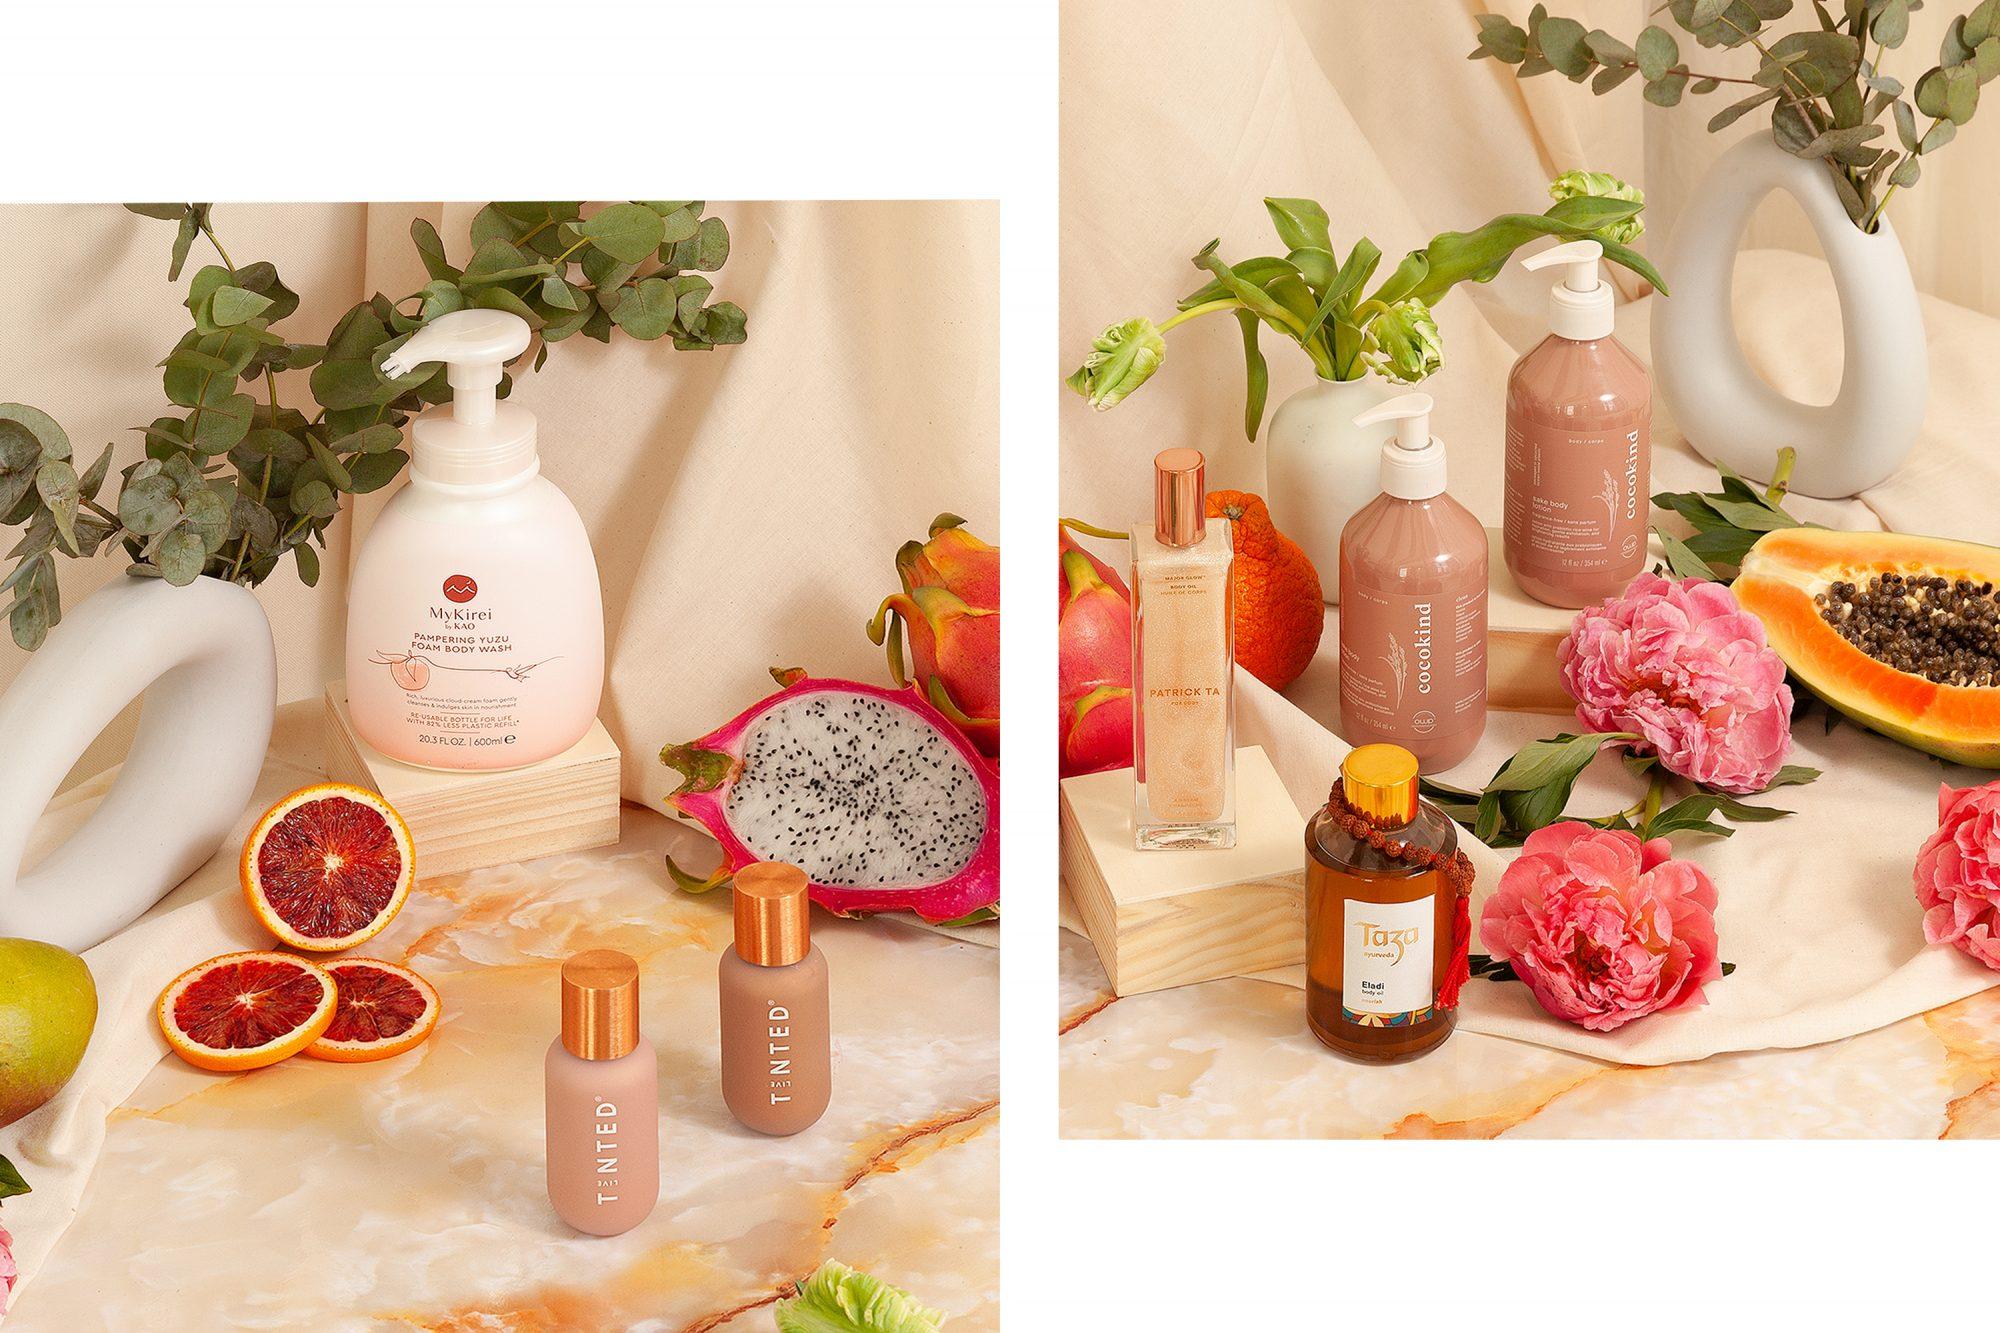 AAPI-Brands-Beauty-Body